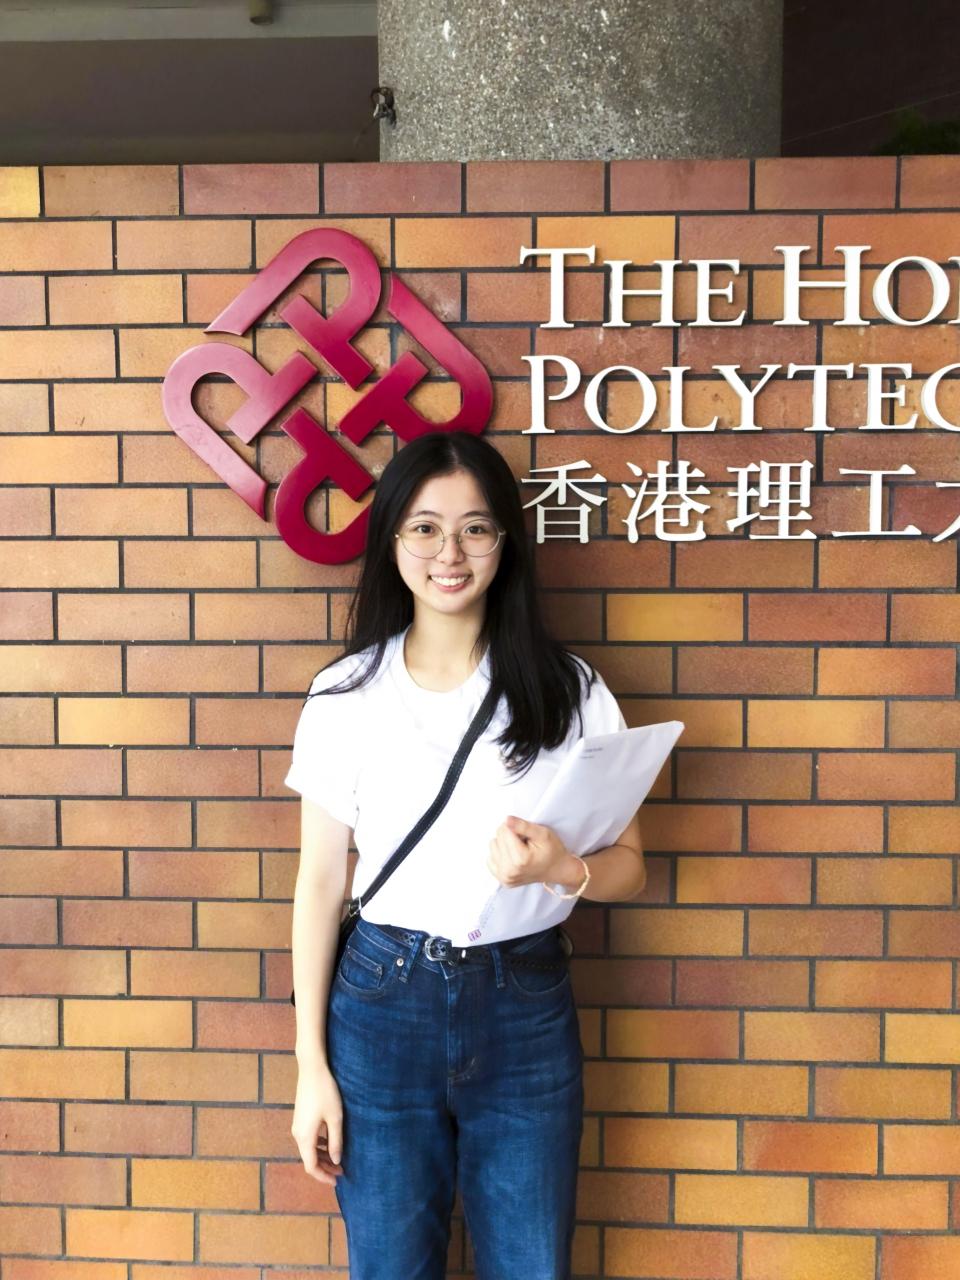 香港理工大學 管理學(榮譽)工商管理學士 鄭嘉雯同學